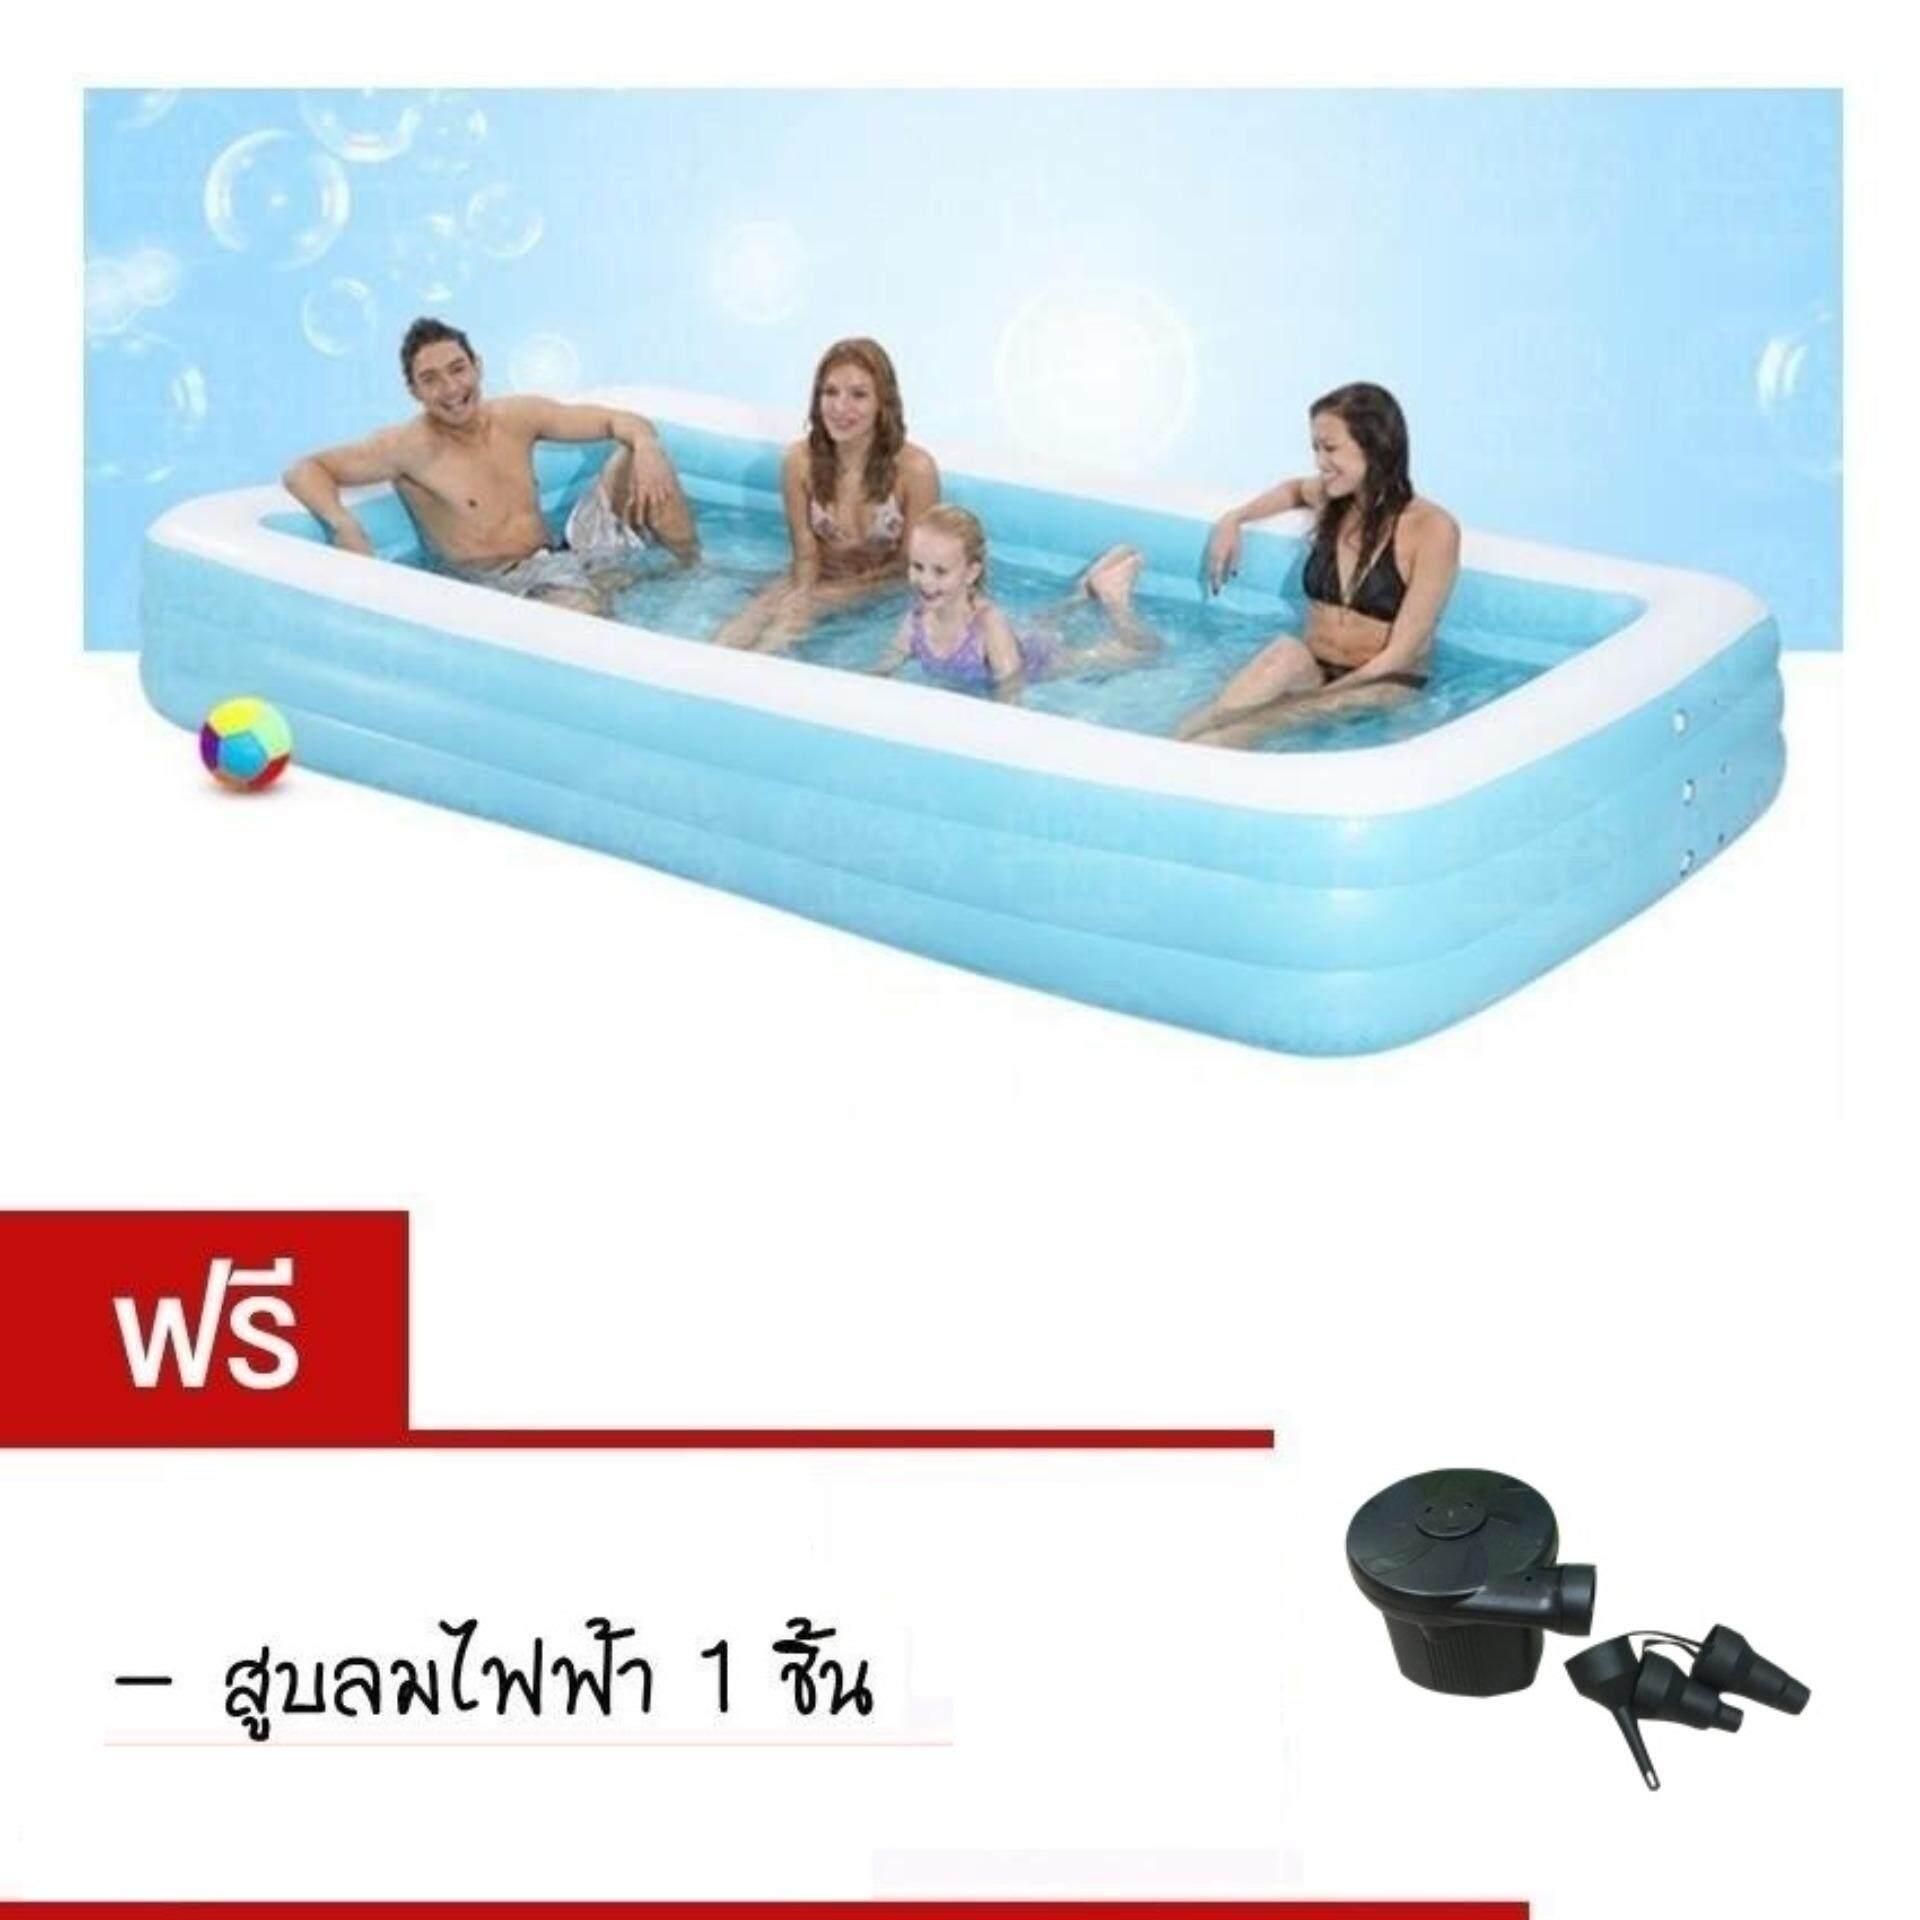 ราคา Kunkidshop สระน้ำเป่าลม 3 ชั้น 3เมตร สีฟ้าขาว ใน กรุงเทพมหานคร